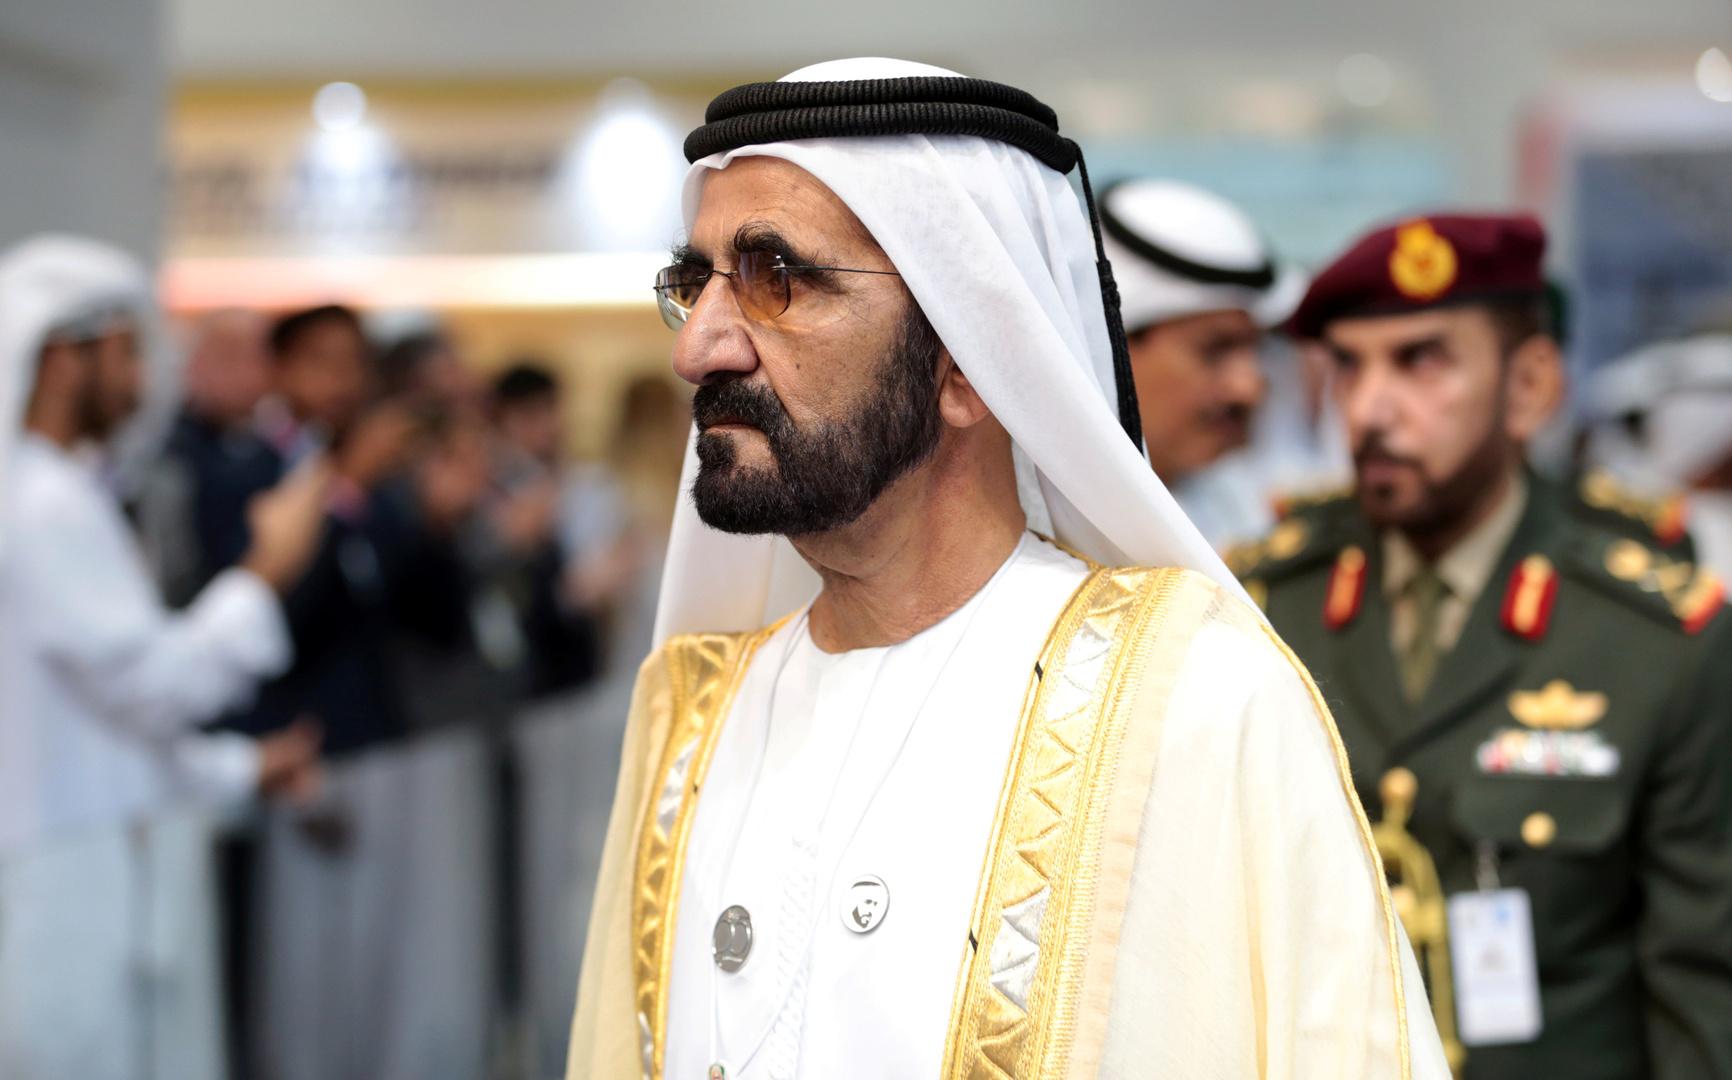 محمد بن راشد، نائب رئيس دولة الإمارات وحاكم دبي